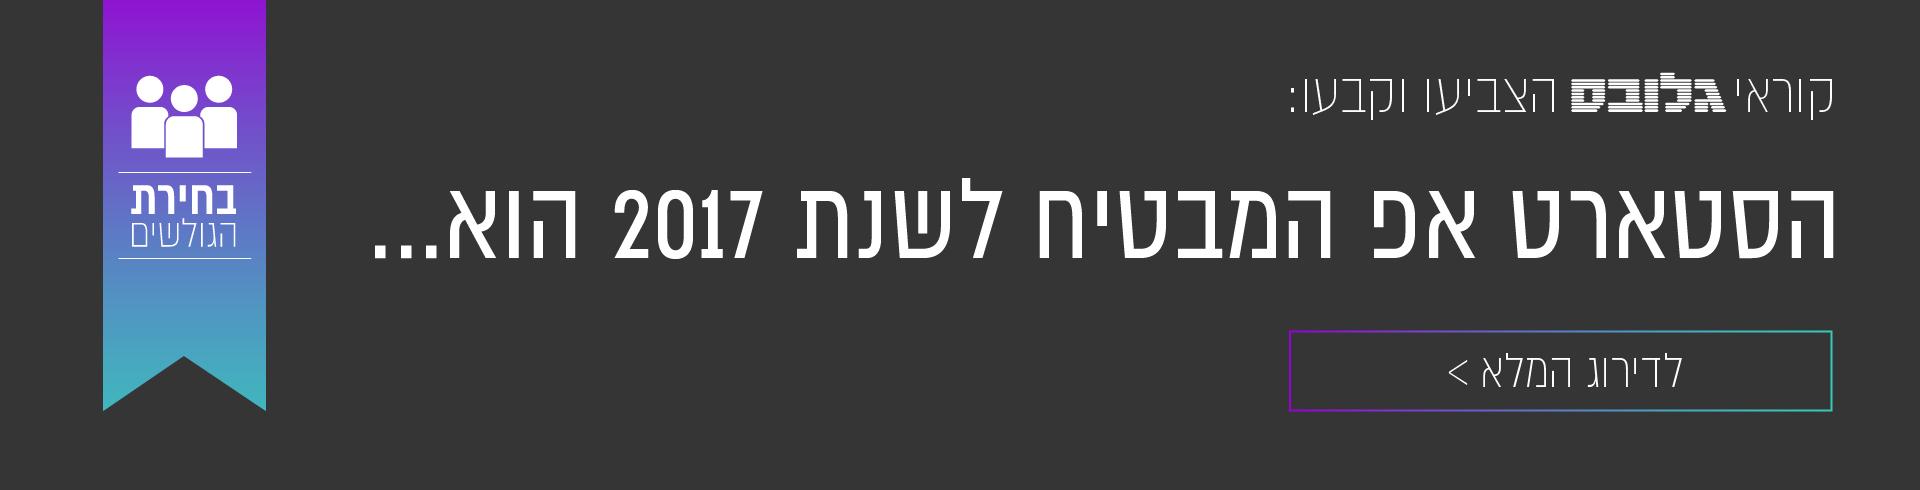 סטארטאפים- באנר סטארטאפ מנצח